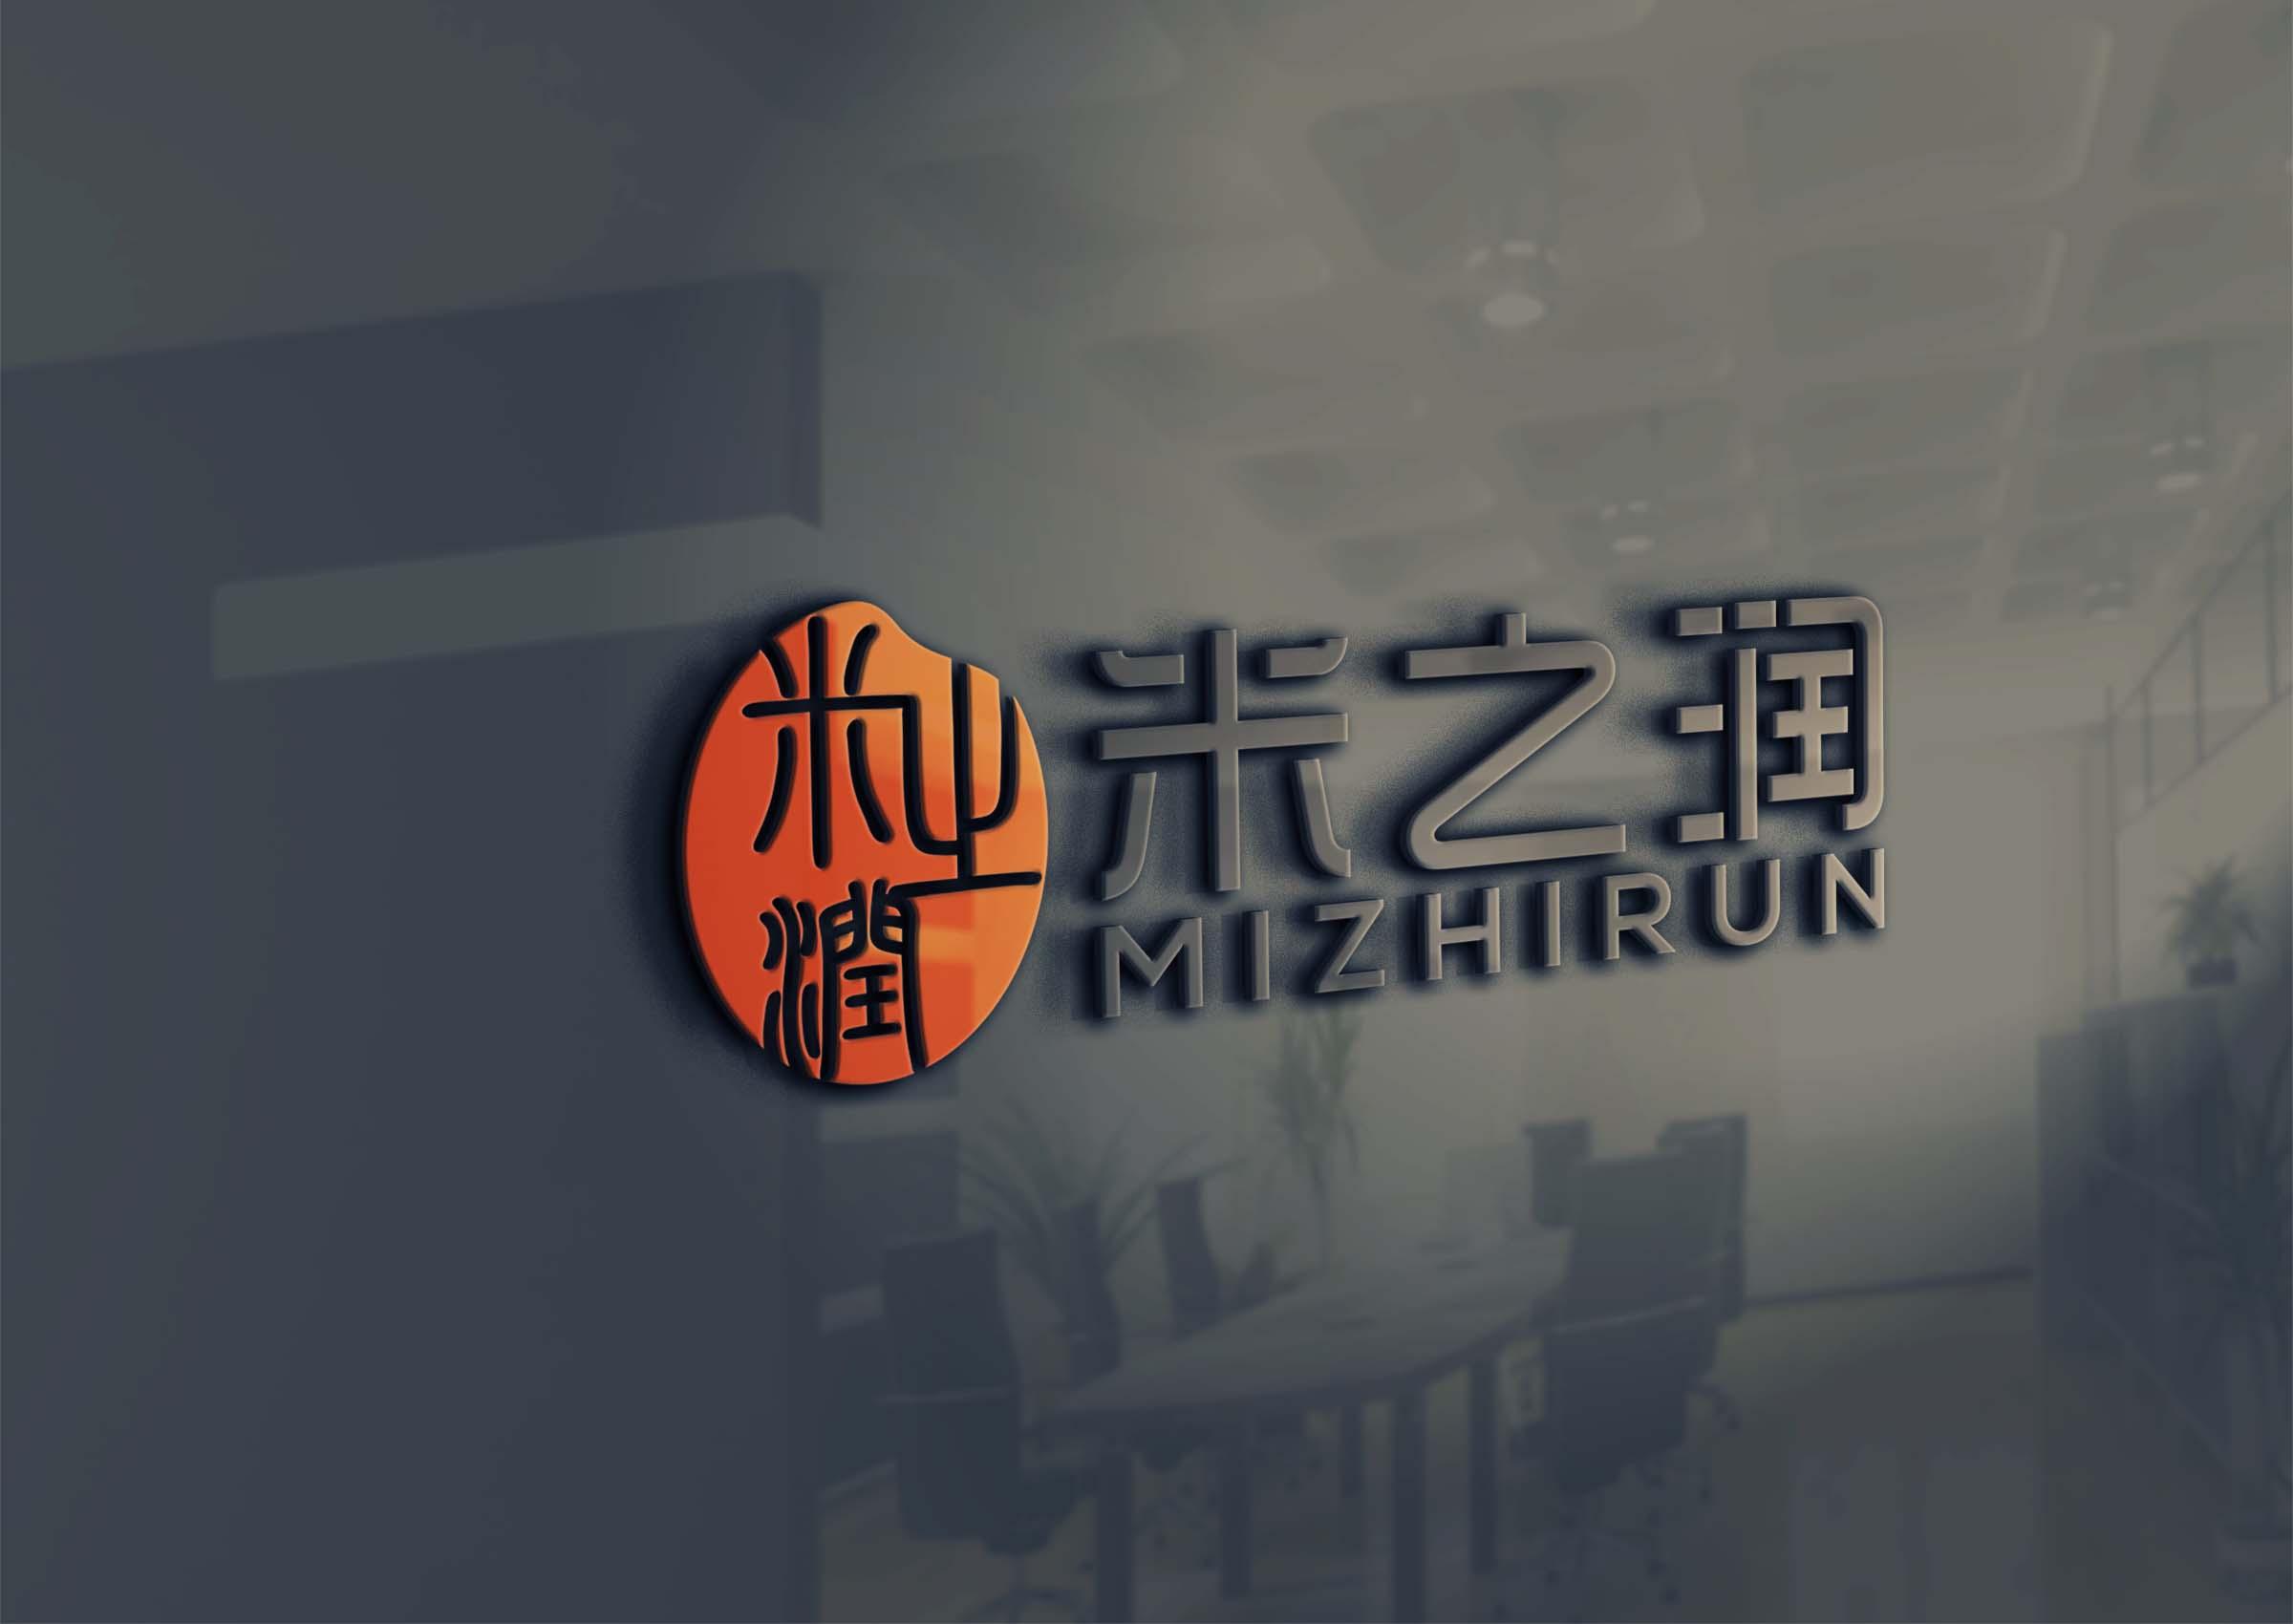 米之润logo设计_2955823_k68威客网